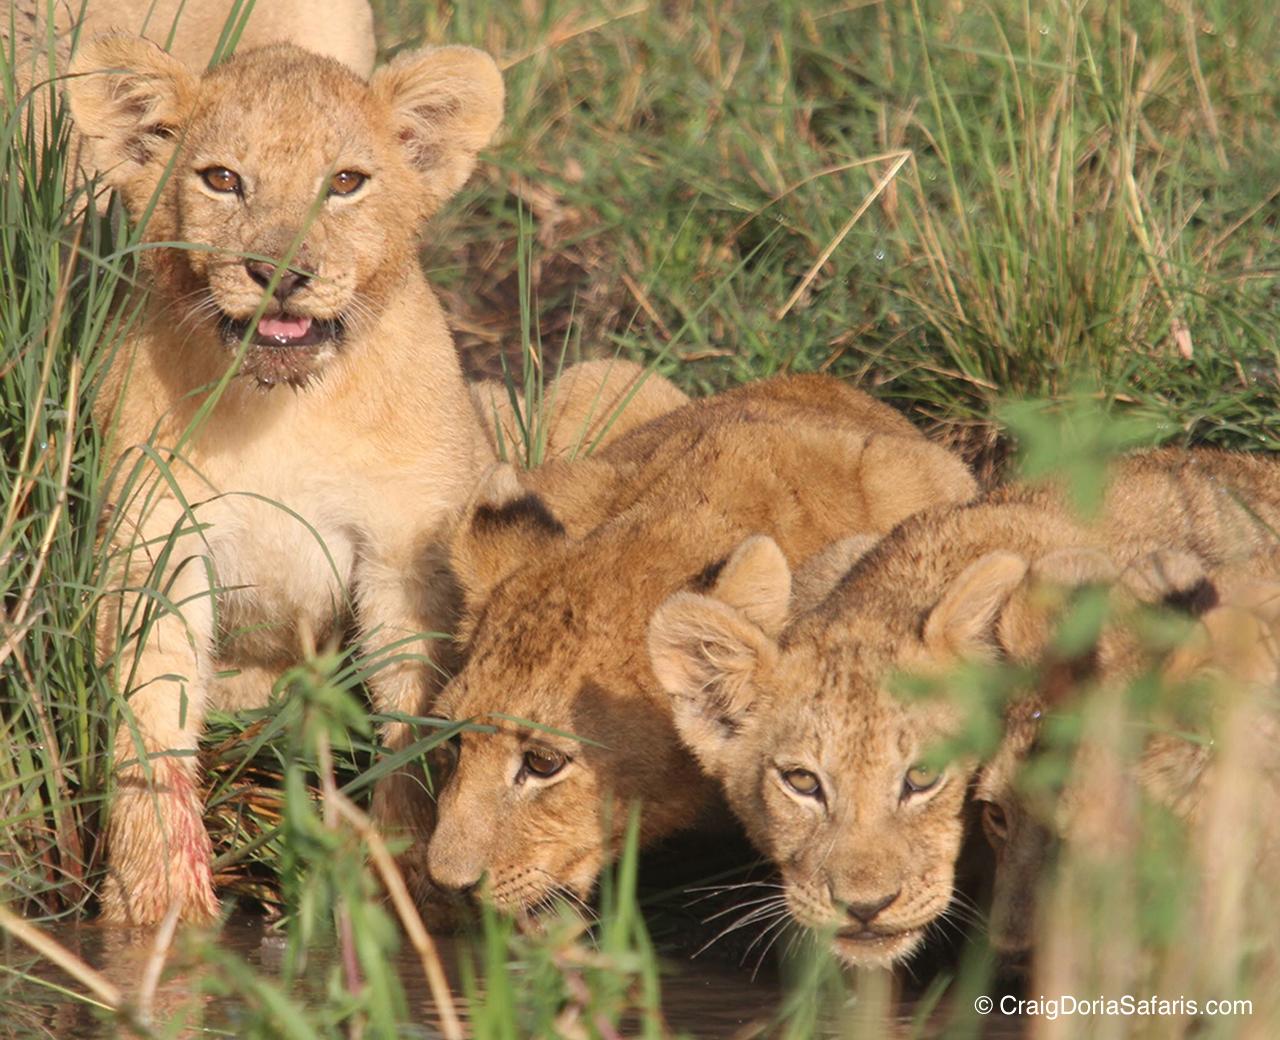 Lion cubs...where they belong. In the wild. Photo: CraigDoriaSafaris.com